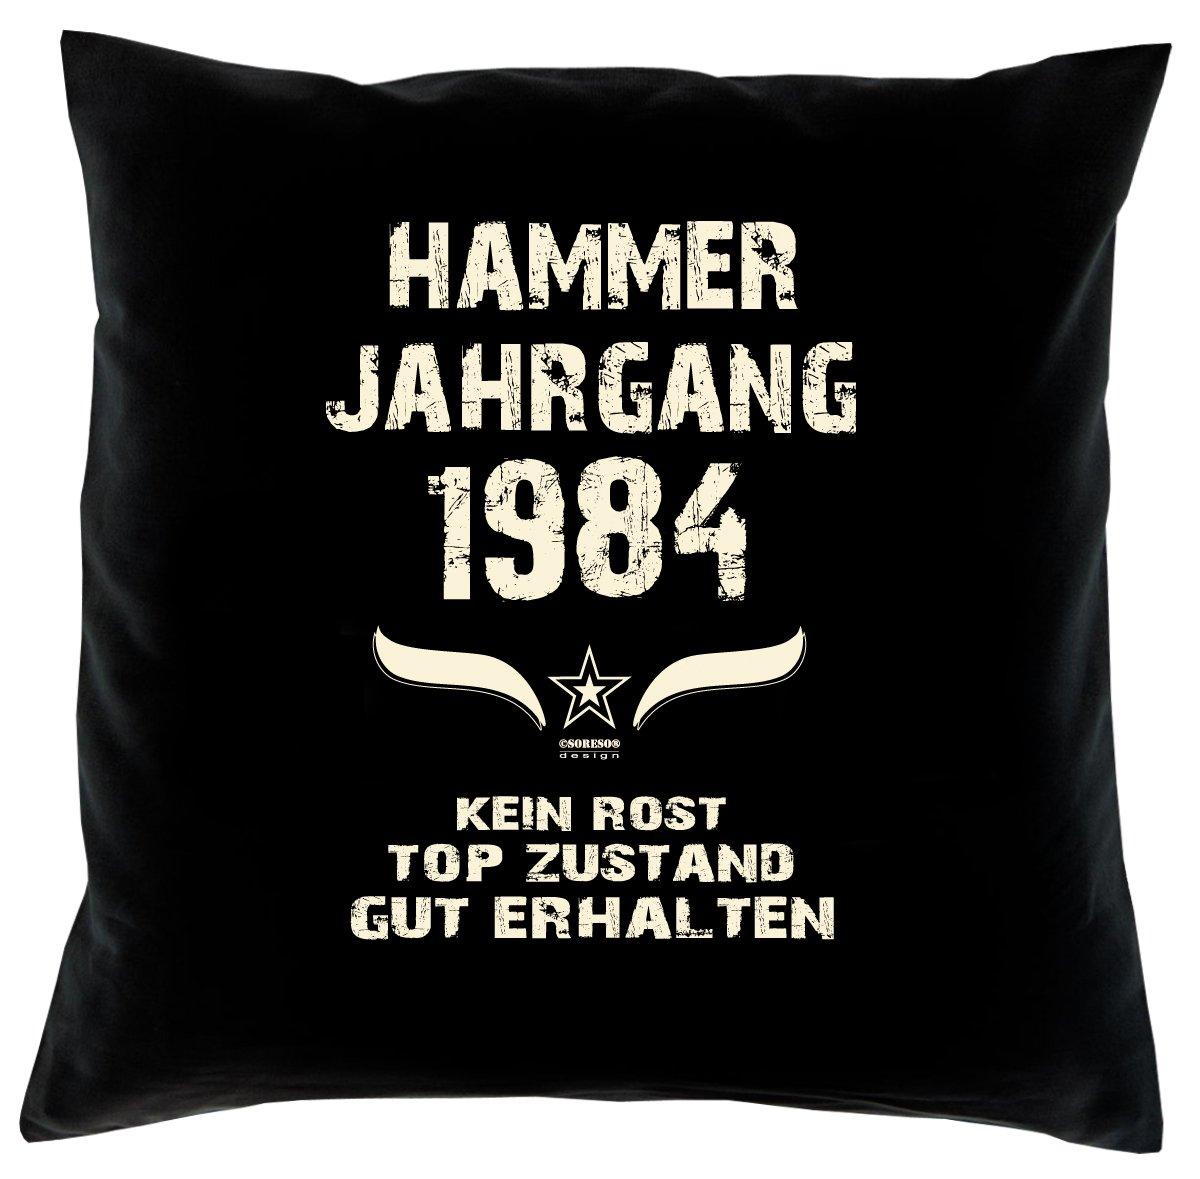 Cooles – Fun – Kissen – Sitzkissen – Zum 32. Geburtstag – Hammer Jahrgang 1984 Farbe: Schwarz – Größe: 40 x 40 cm günstig kaufen